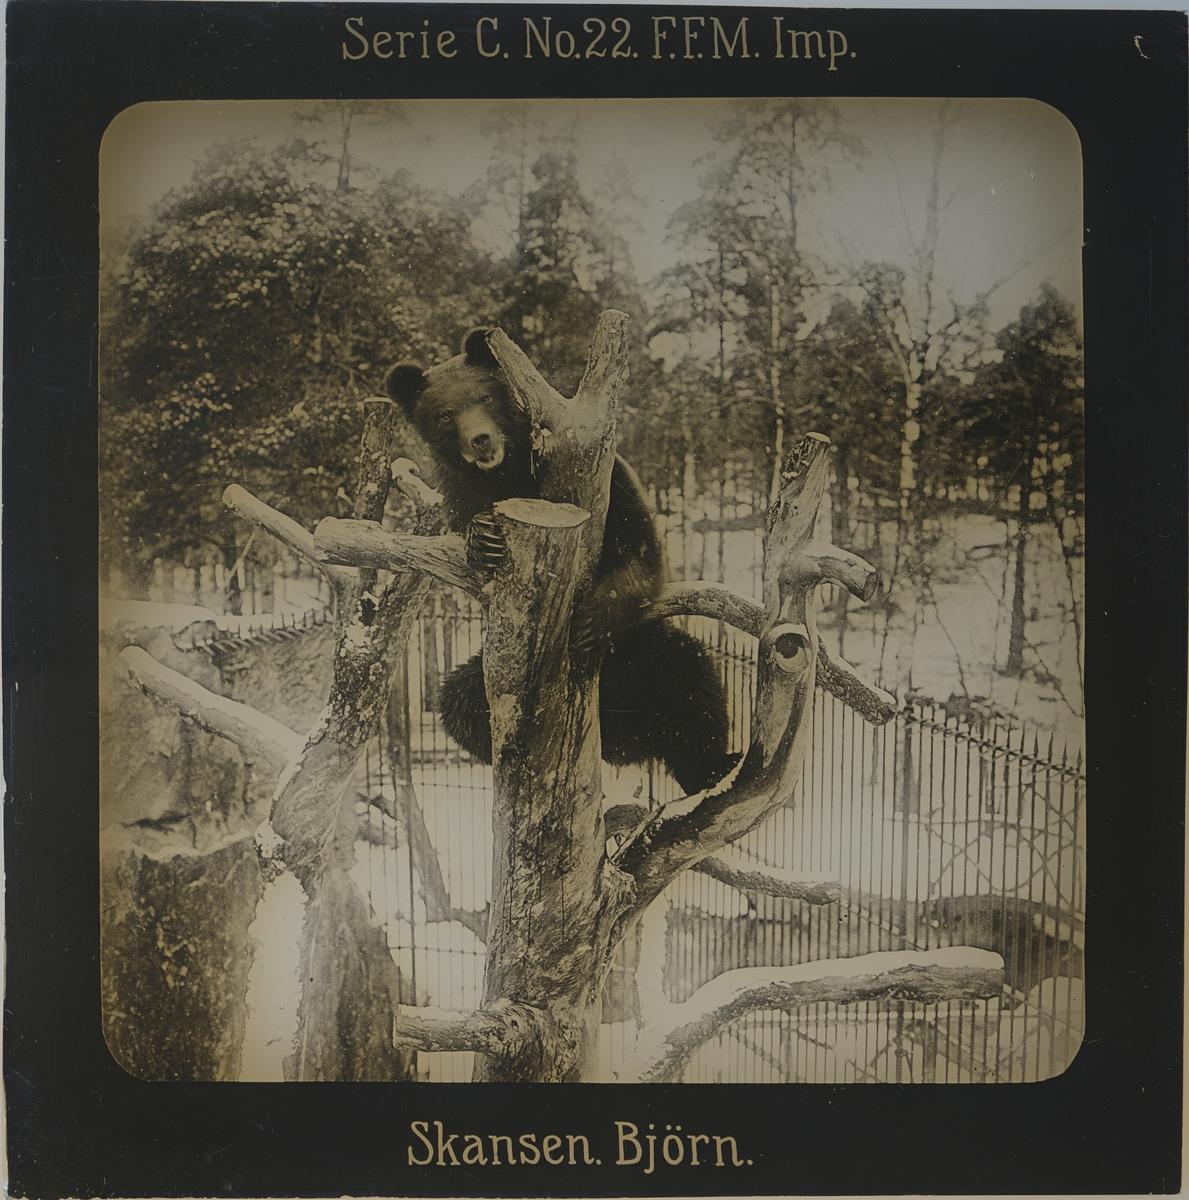 Björn som klättrat upp i ett träd i sitt hägn på Skansen. Marken är täckt med snö.